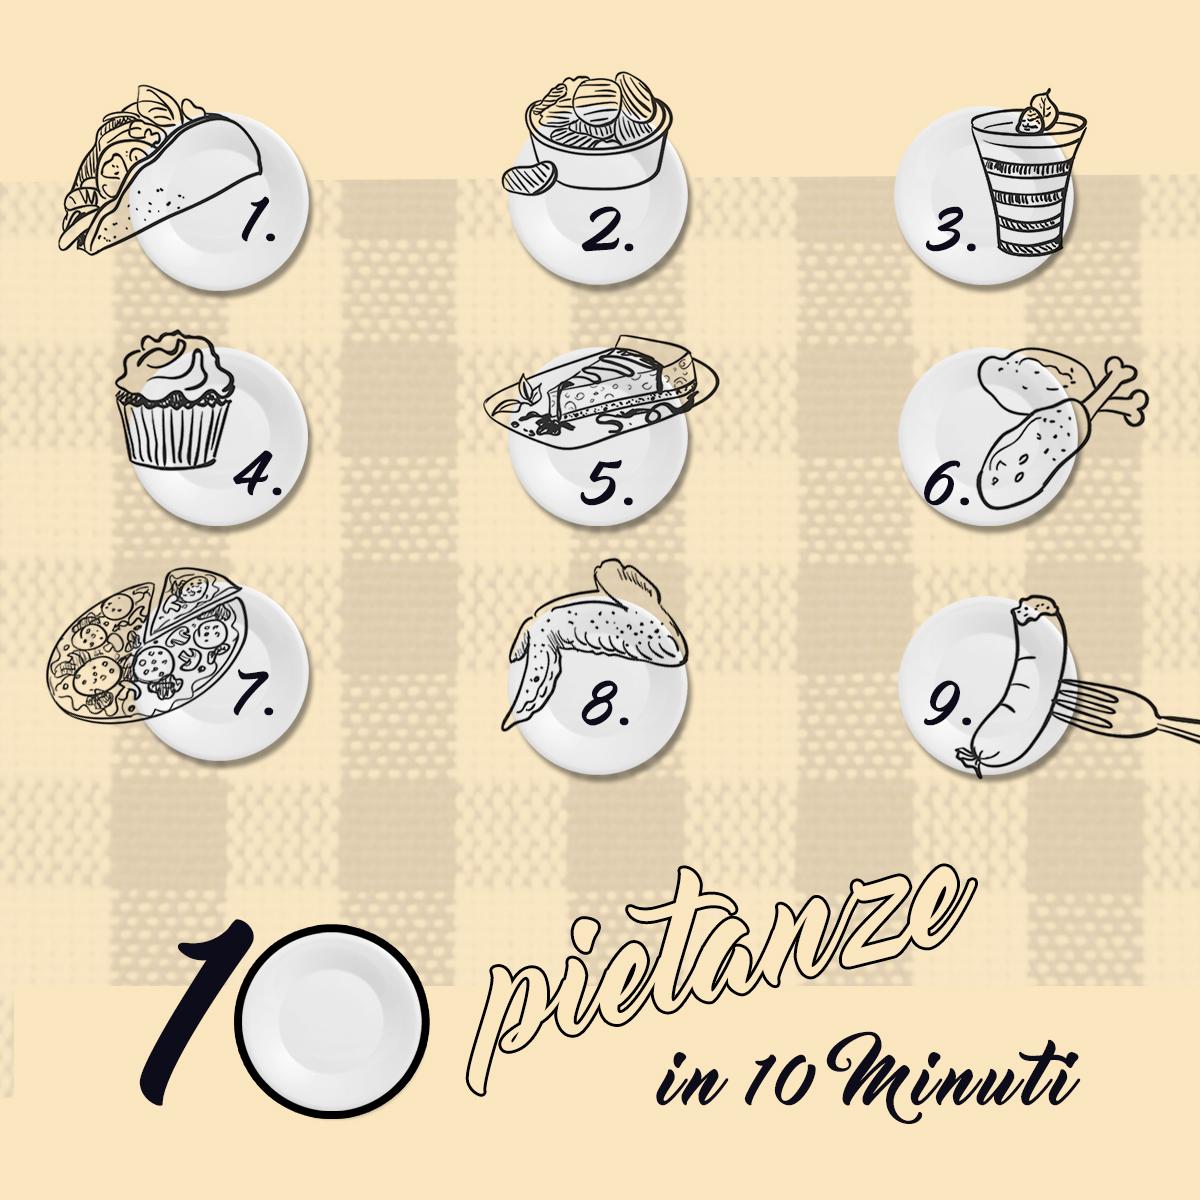 10 pietanze in 10 minuti